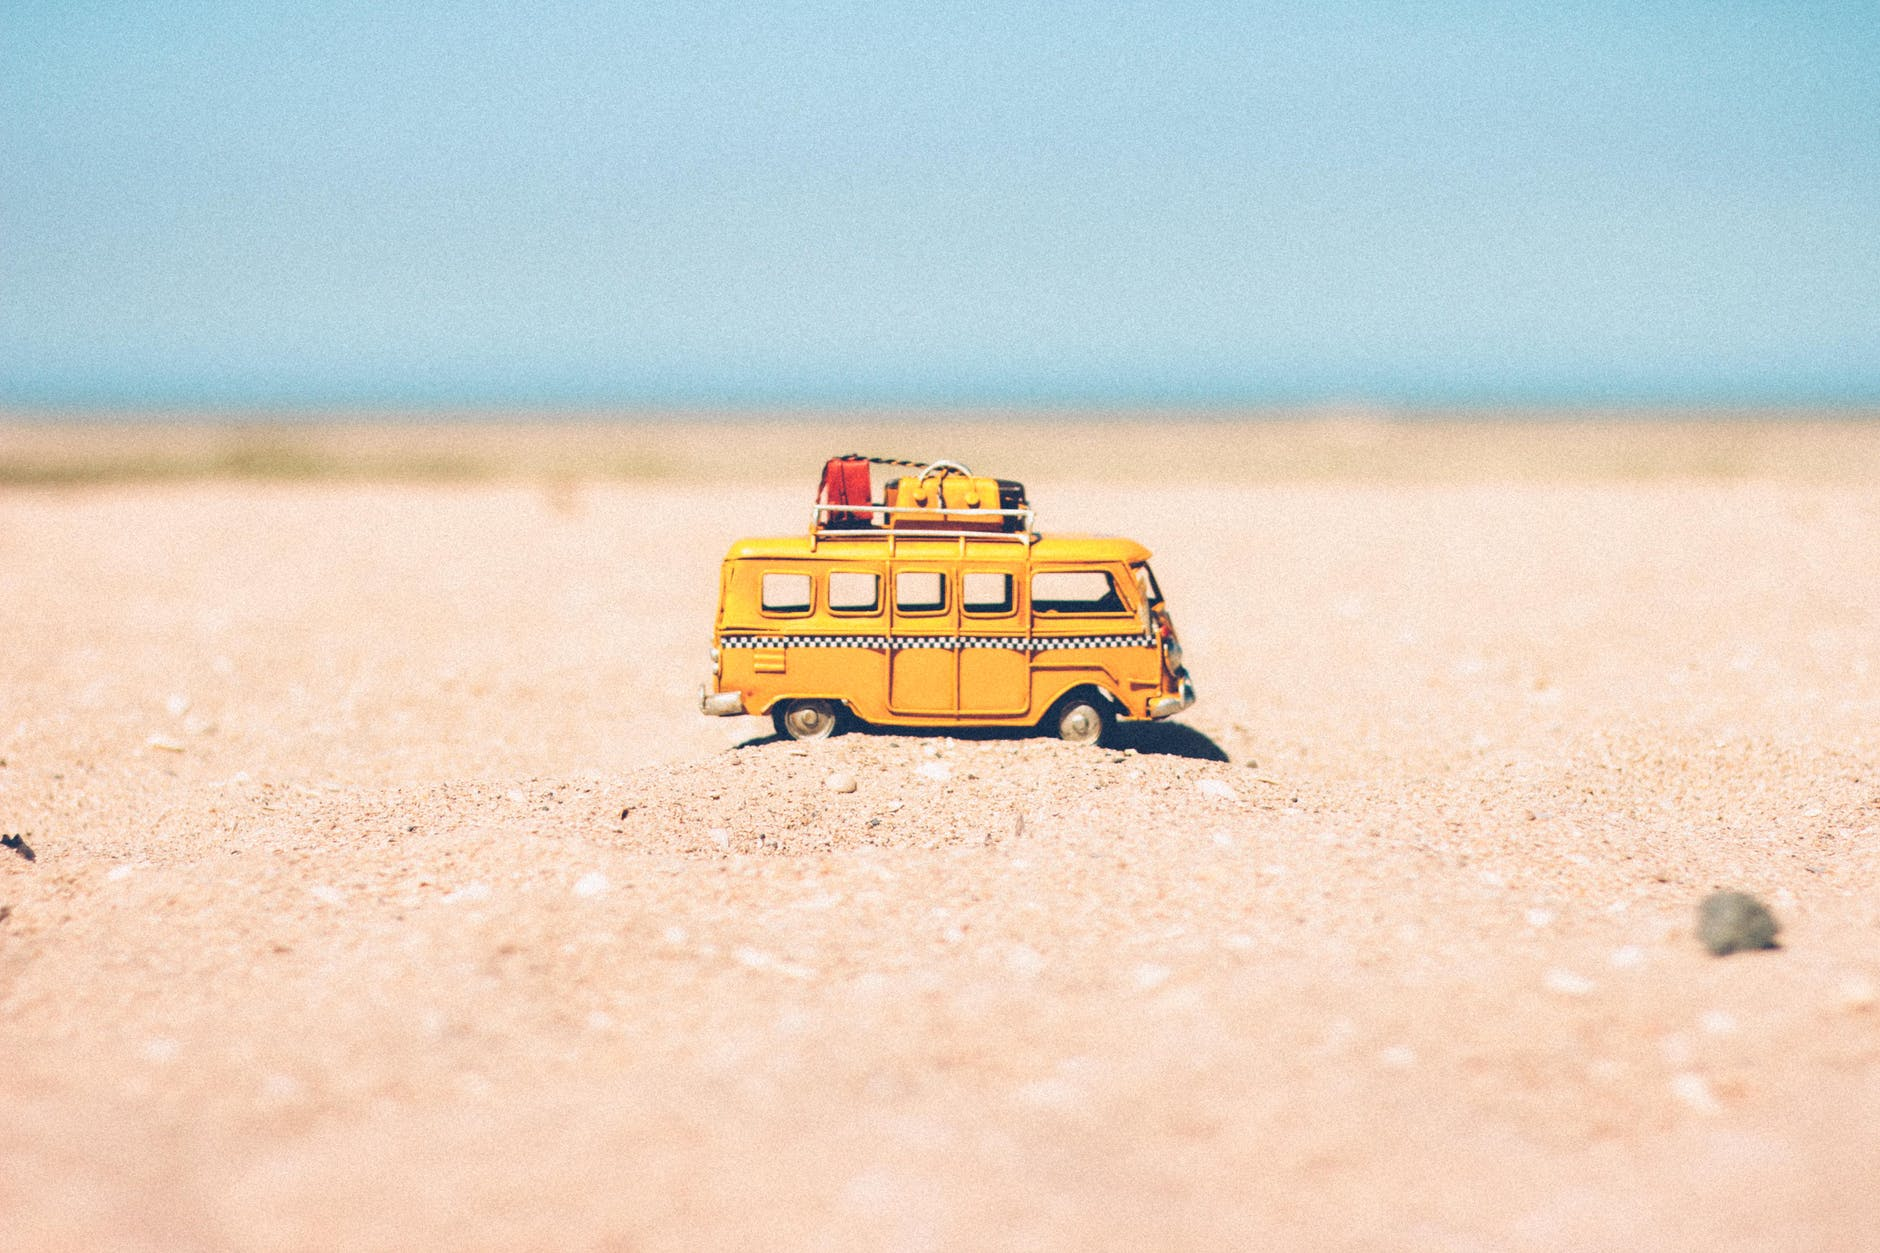 pulmino-giallo-spiaggia-modellino